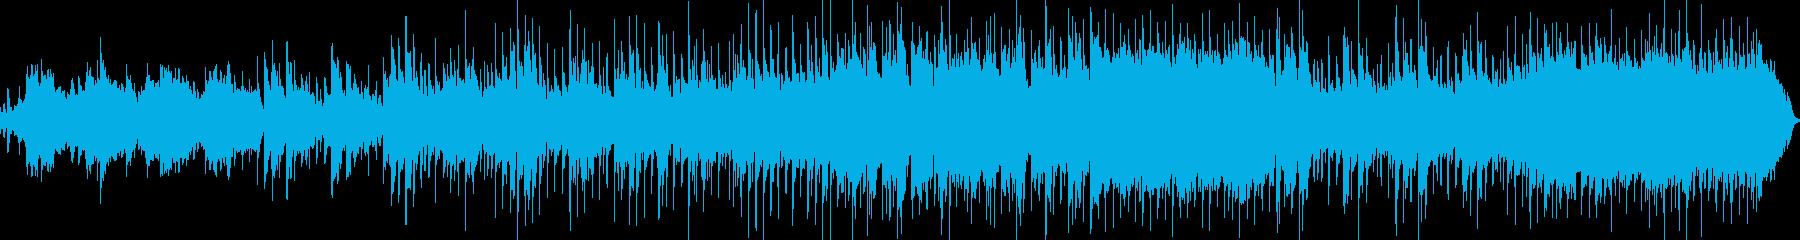 スロー。ピアノバー。リチャード・ク...の再生済みの波形